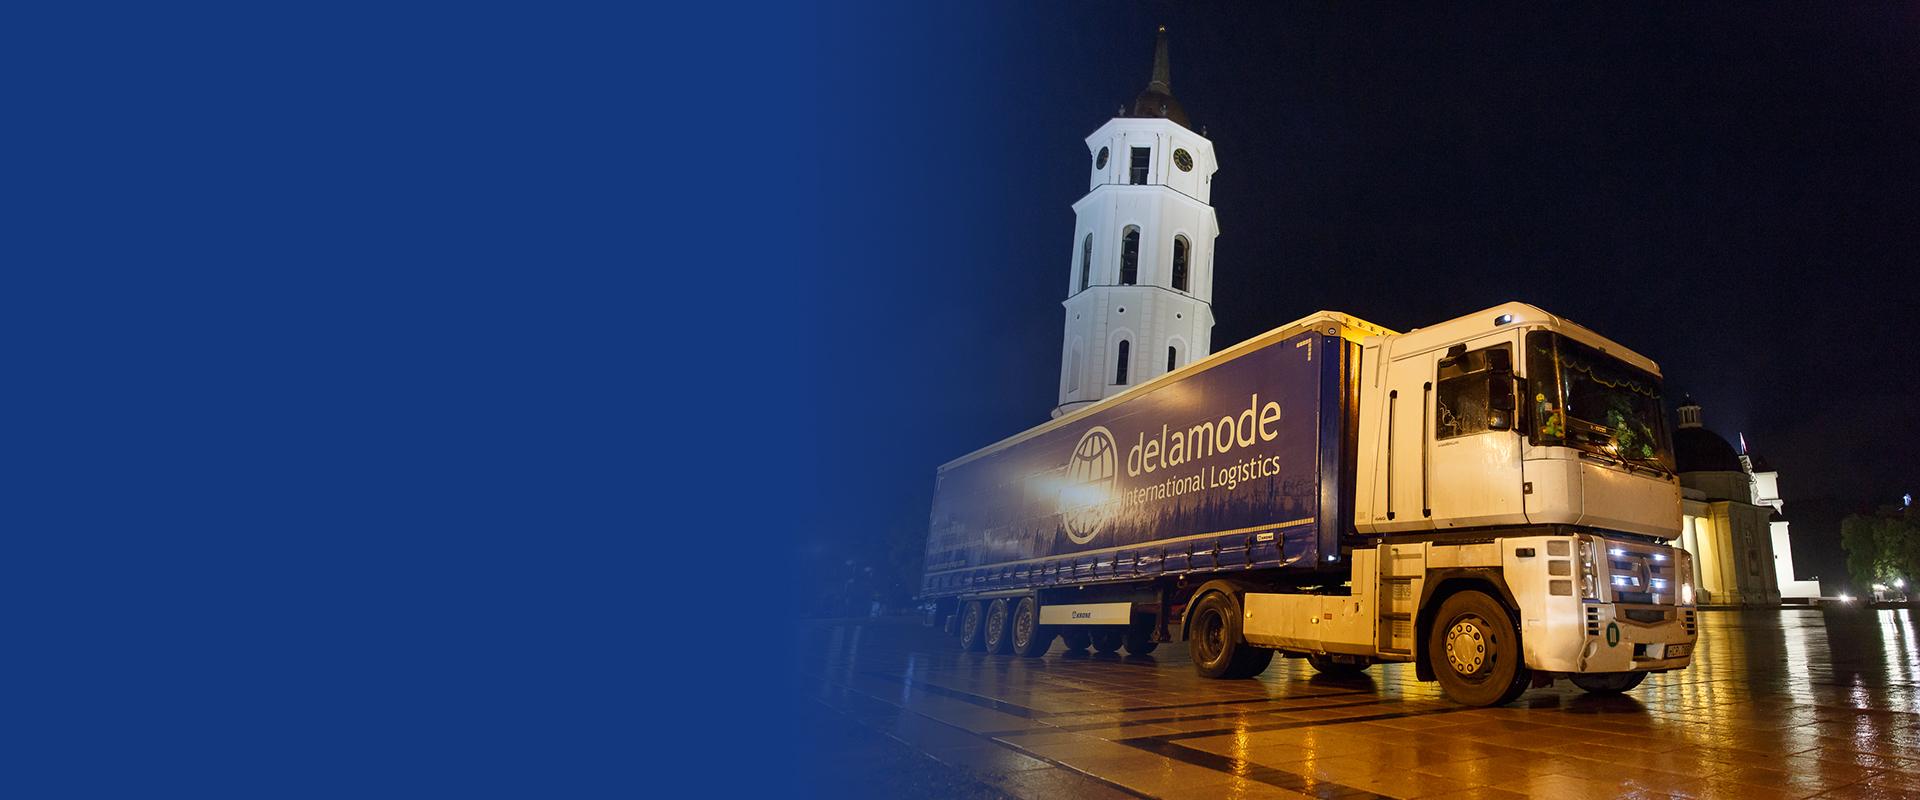 Tarptautinis krovinių transportavimas